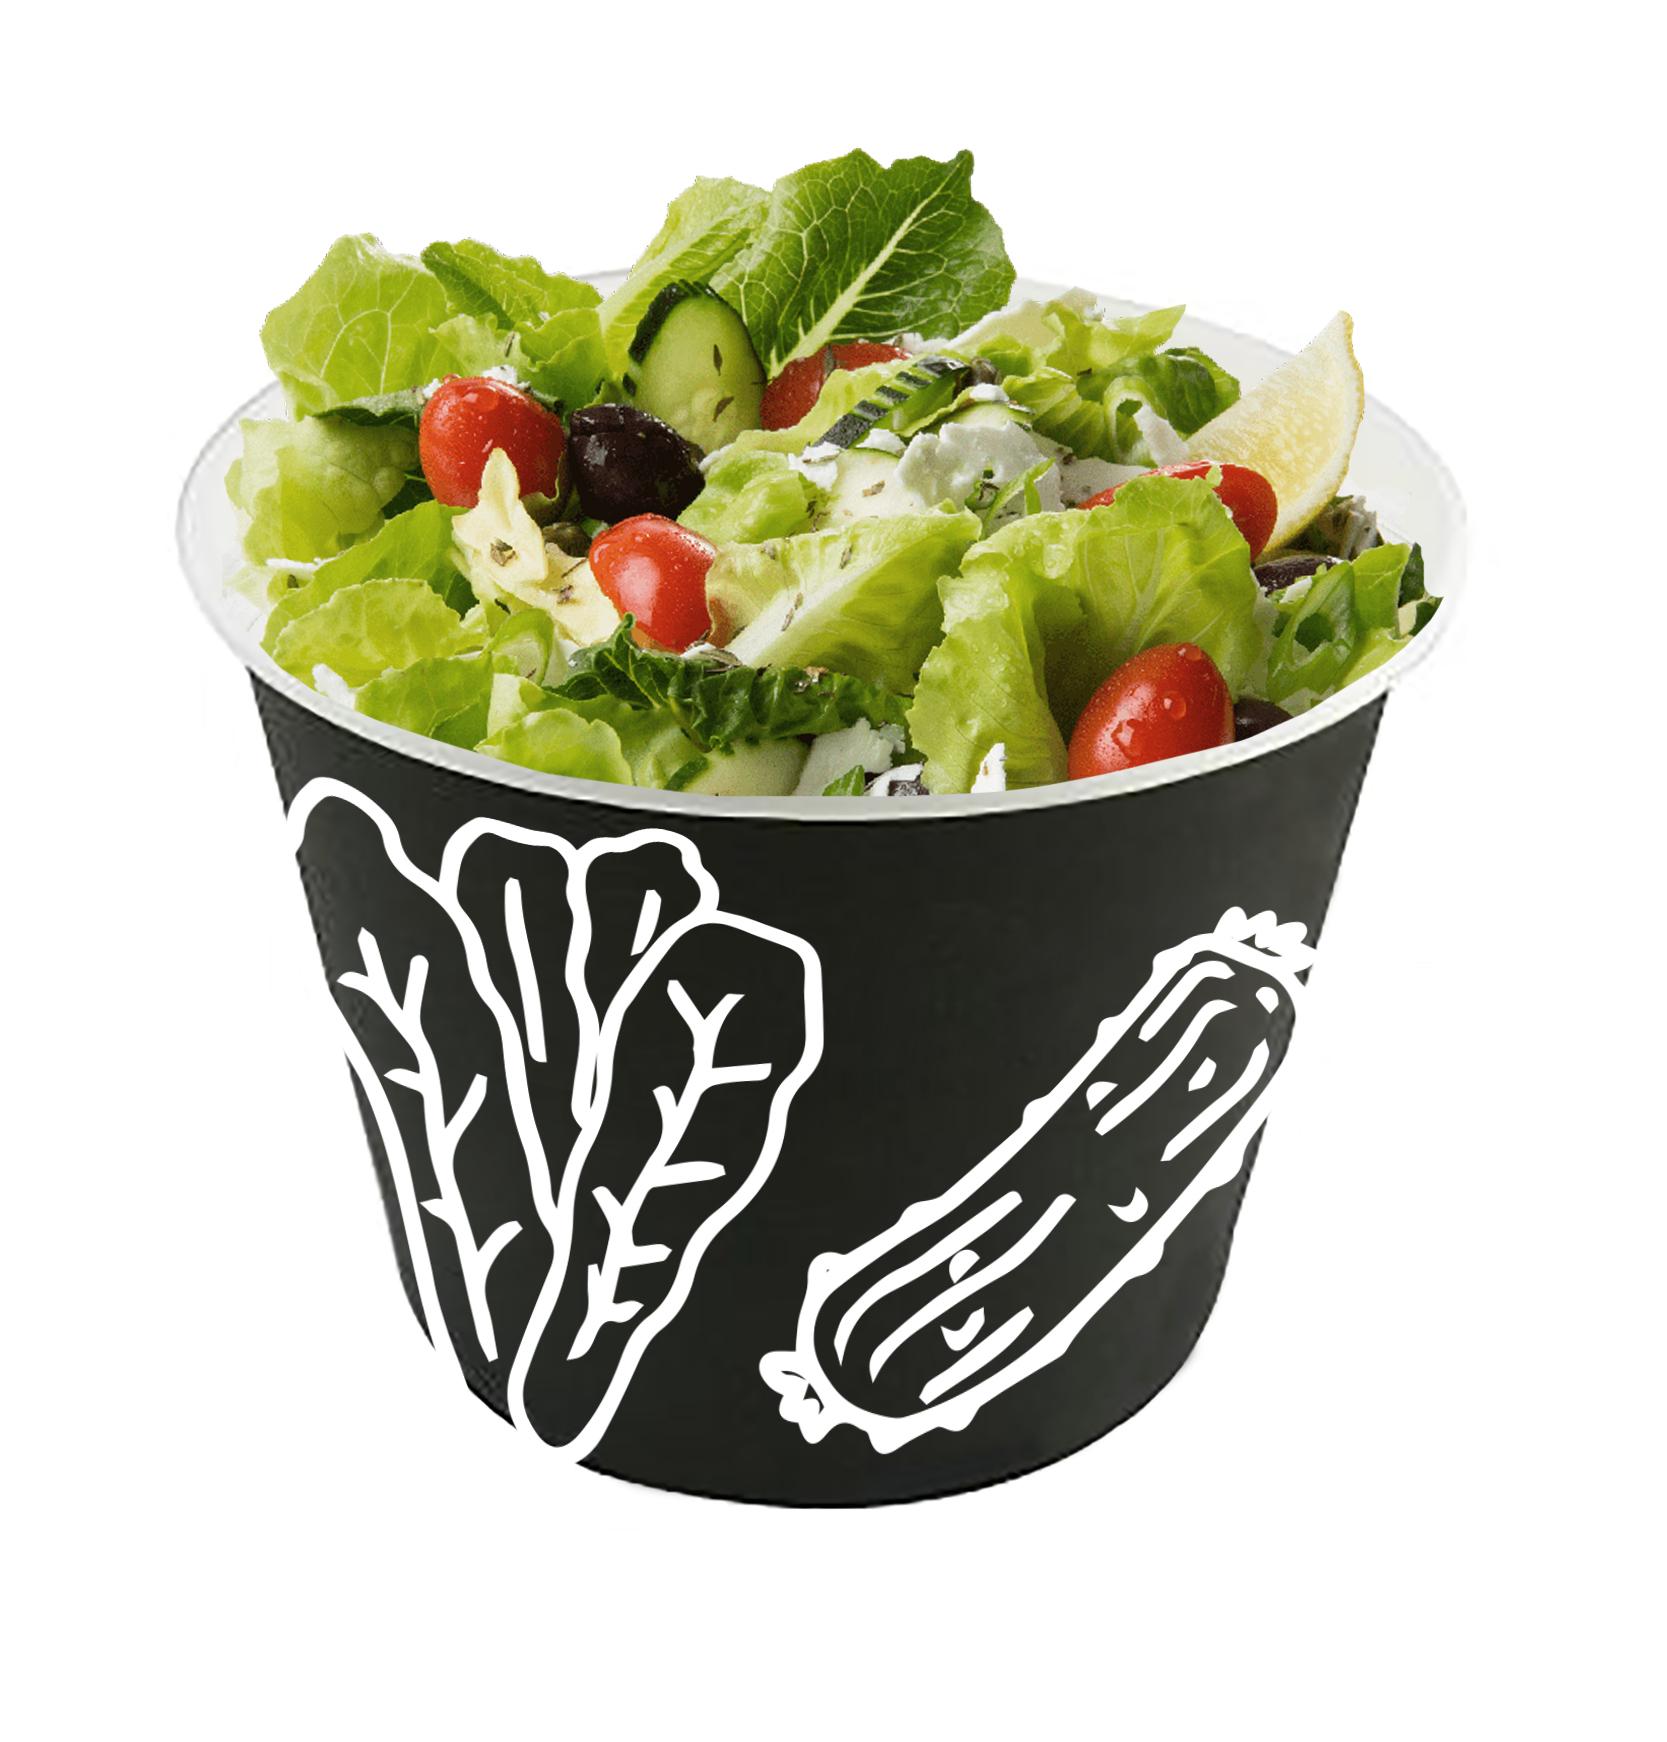 salad-bowljpg